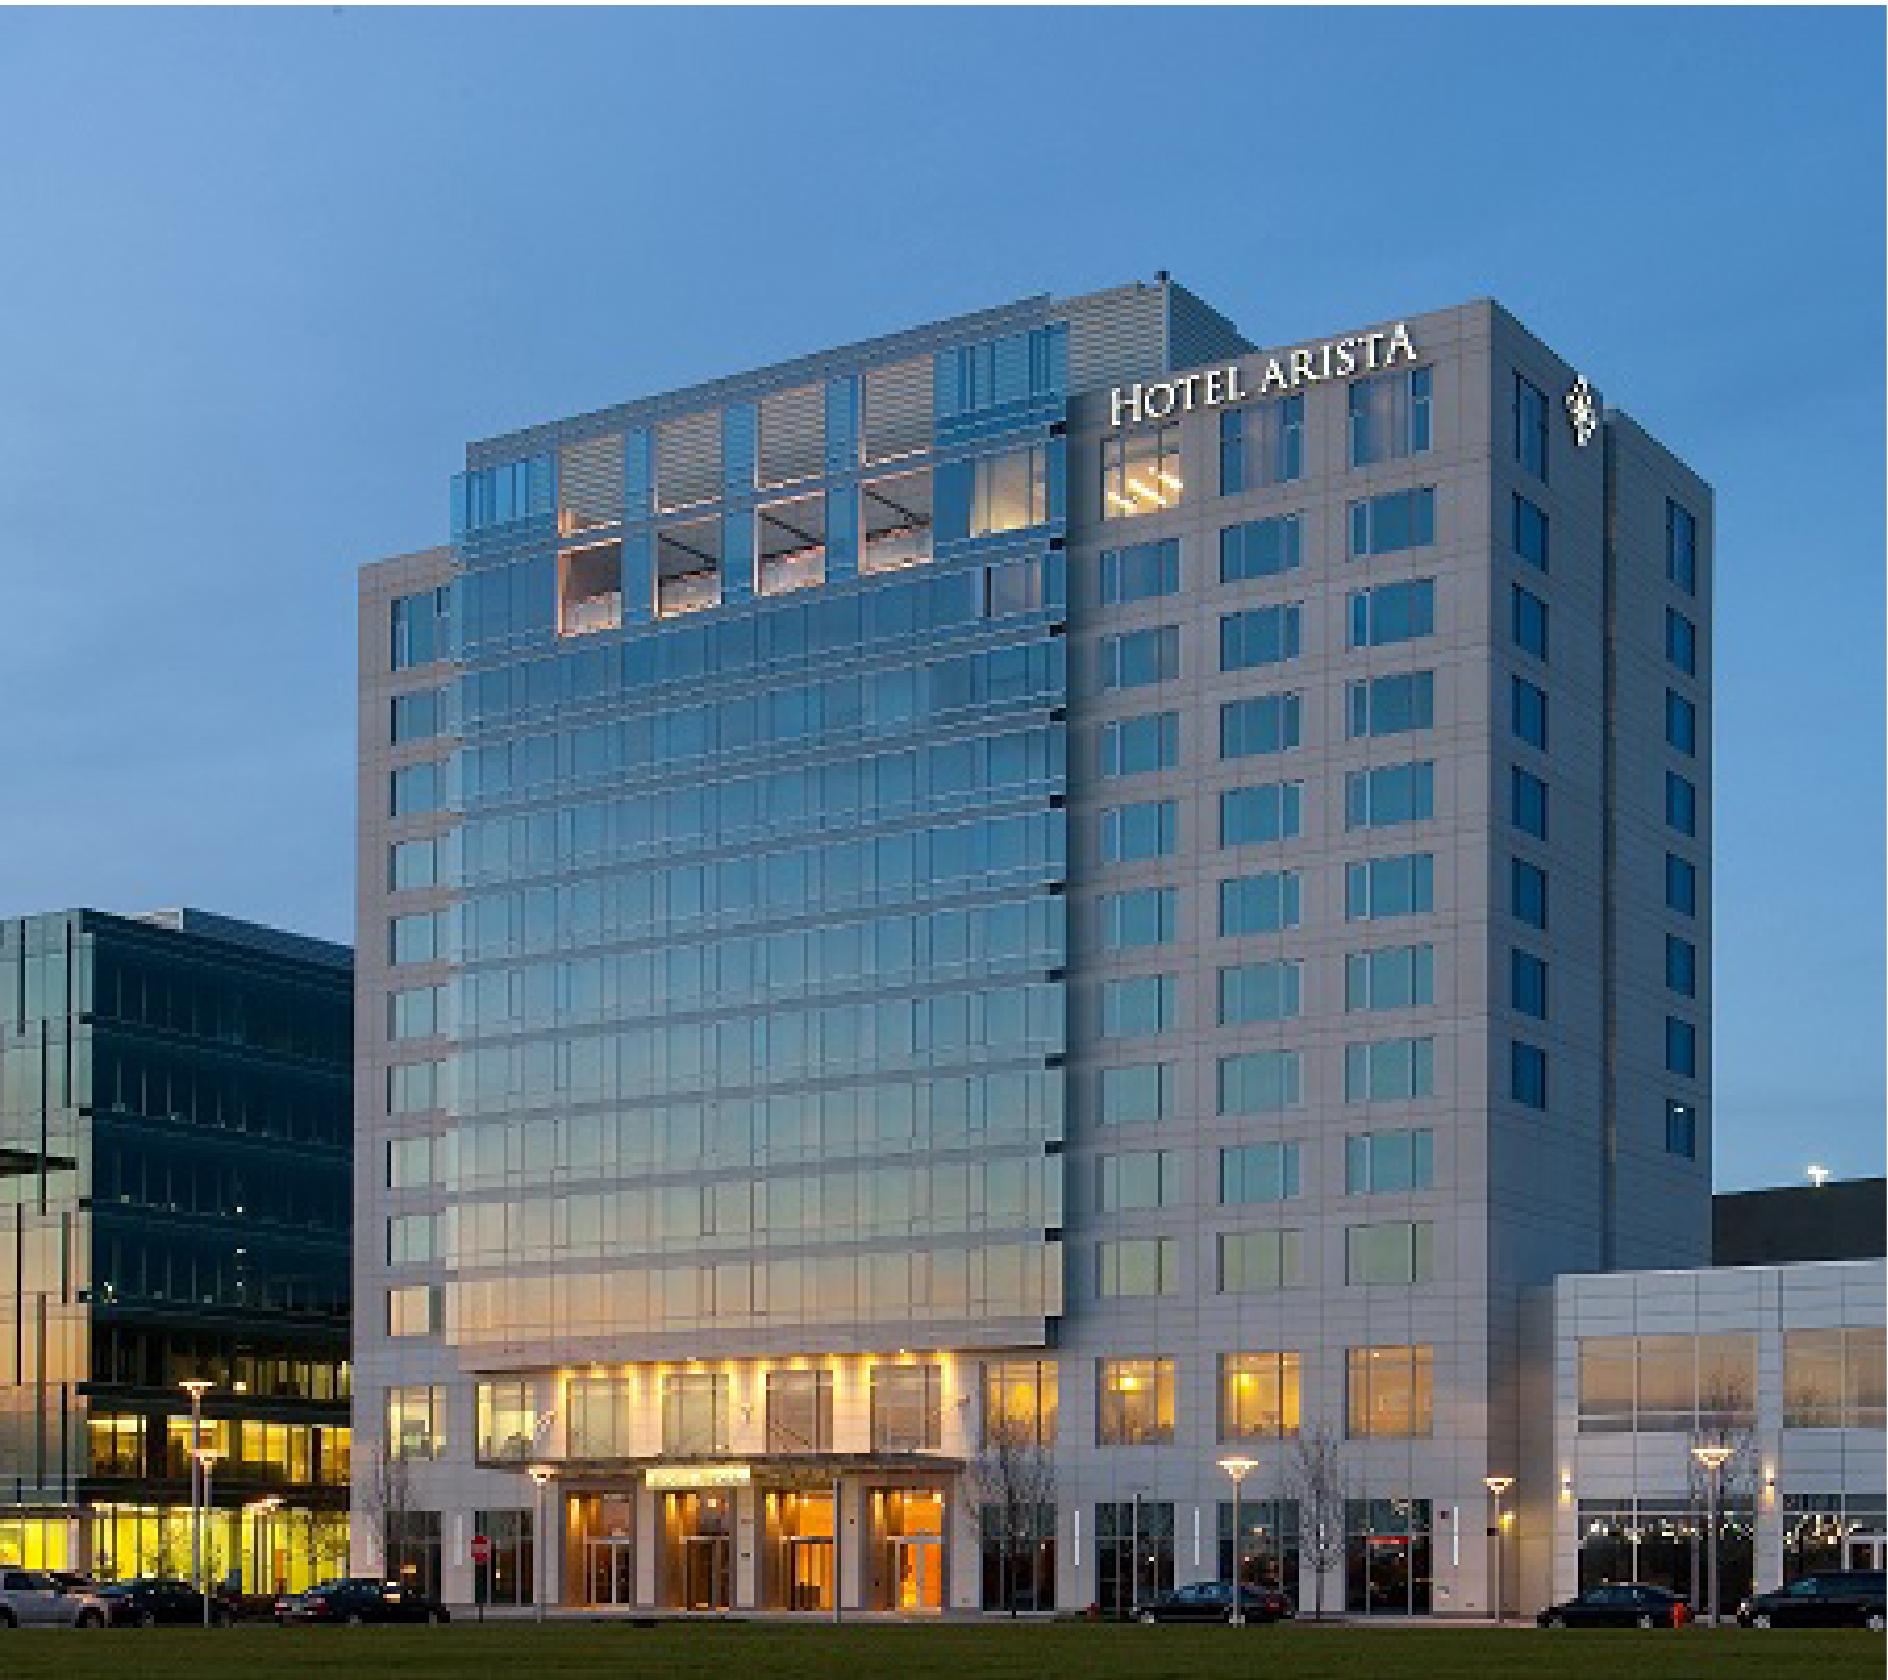 hotel arista - naperville sprint